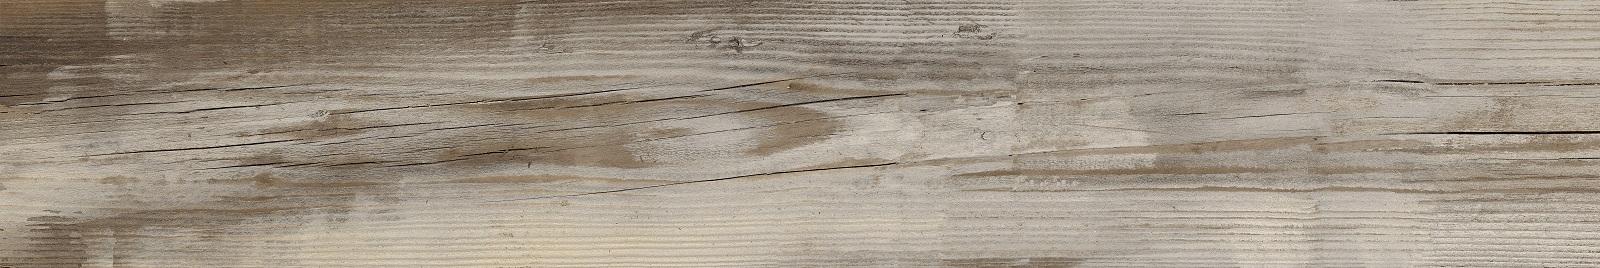 Плитка Legno Bruno (zzxlv6r) изображение 11